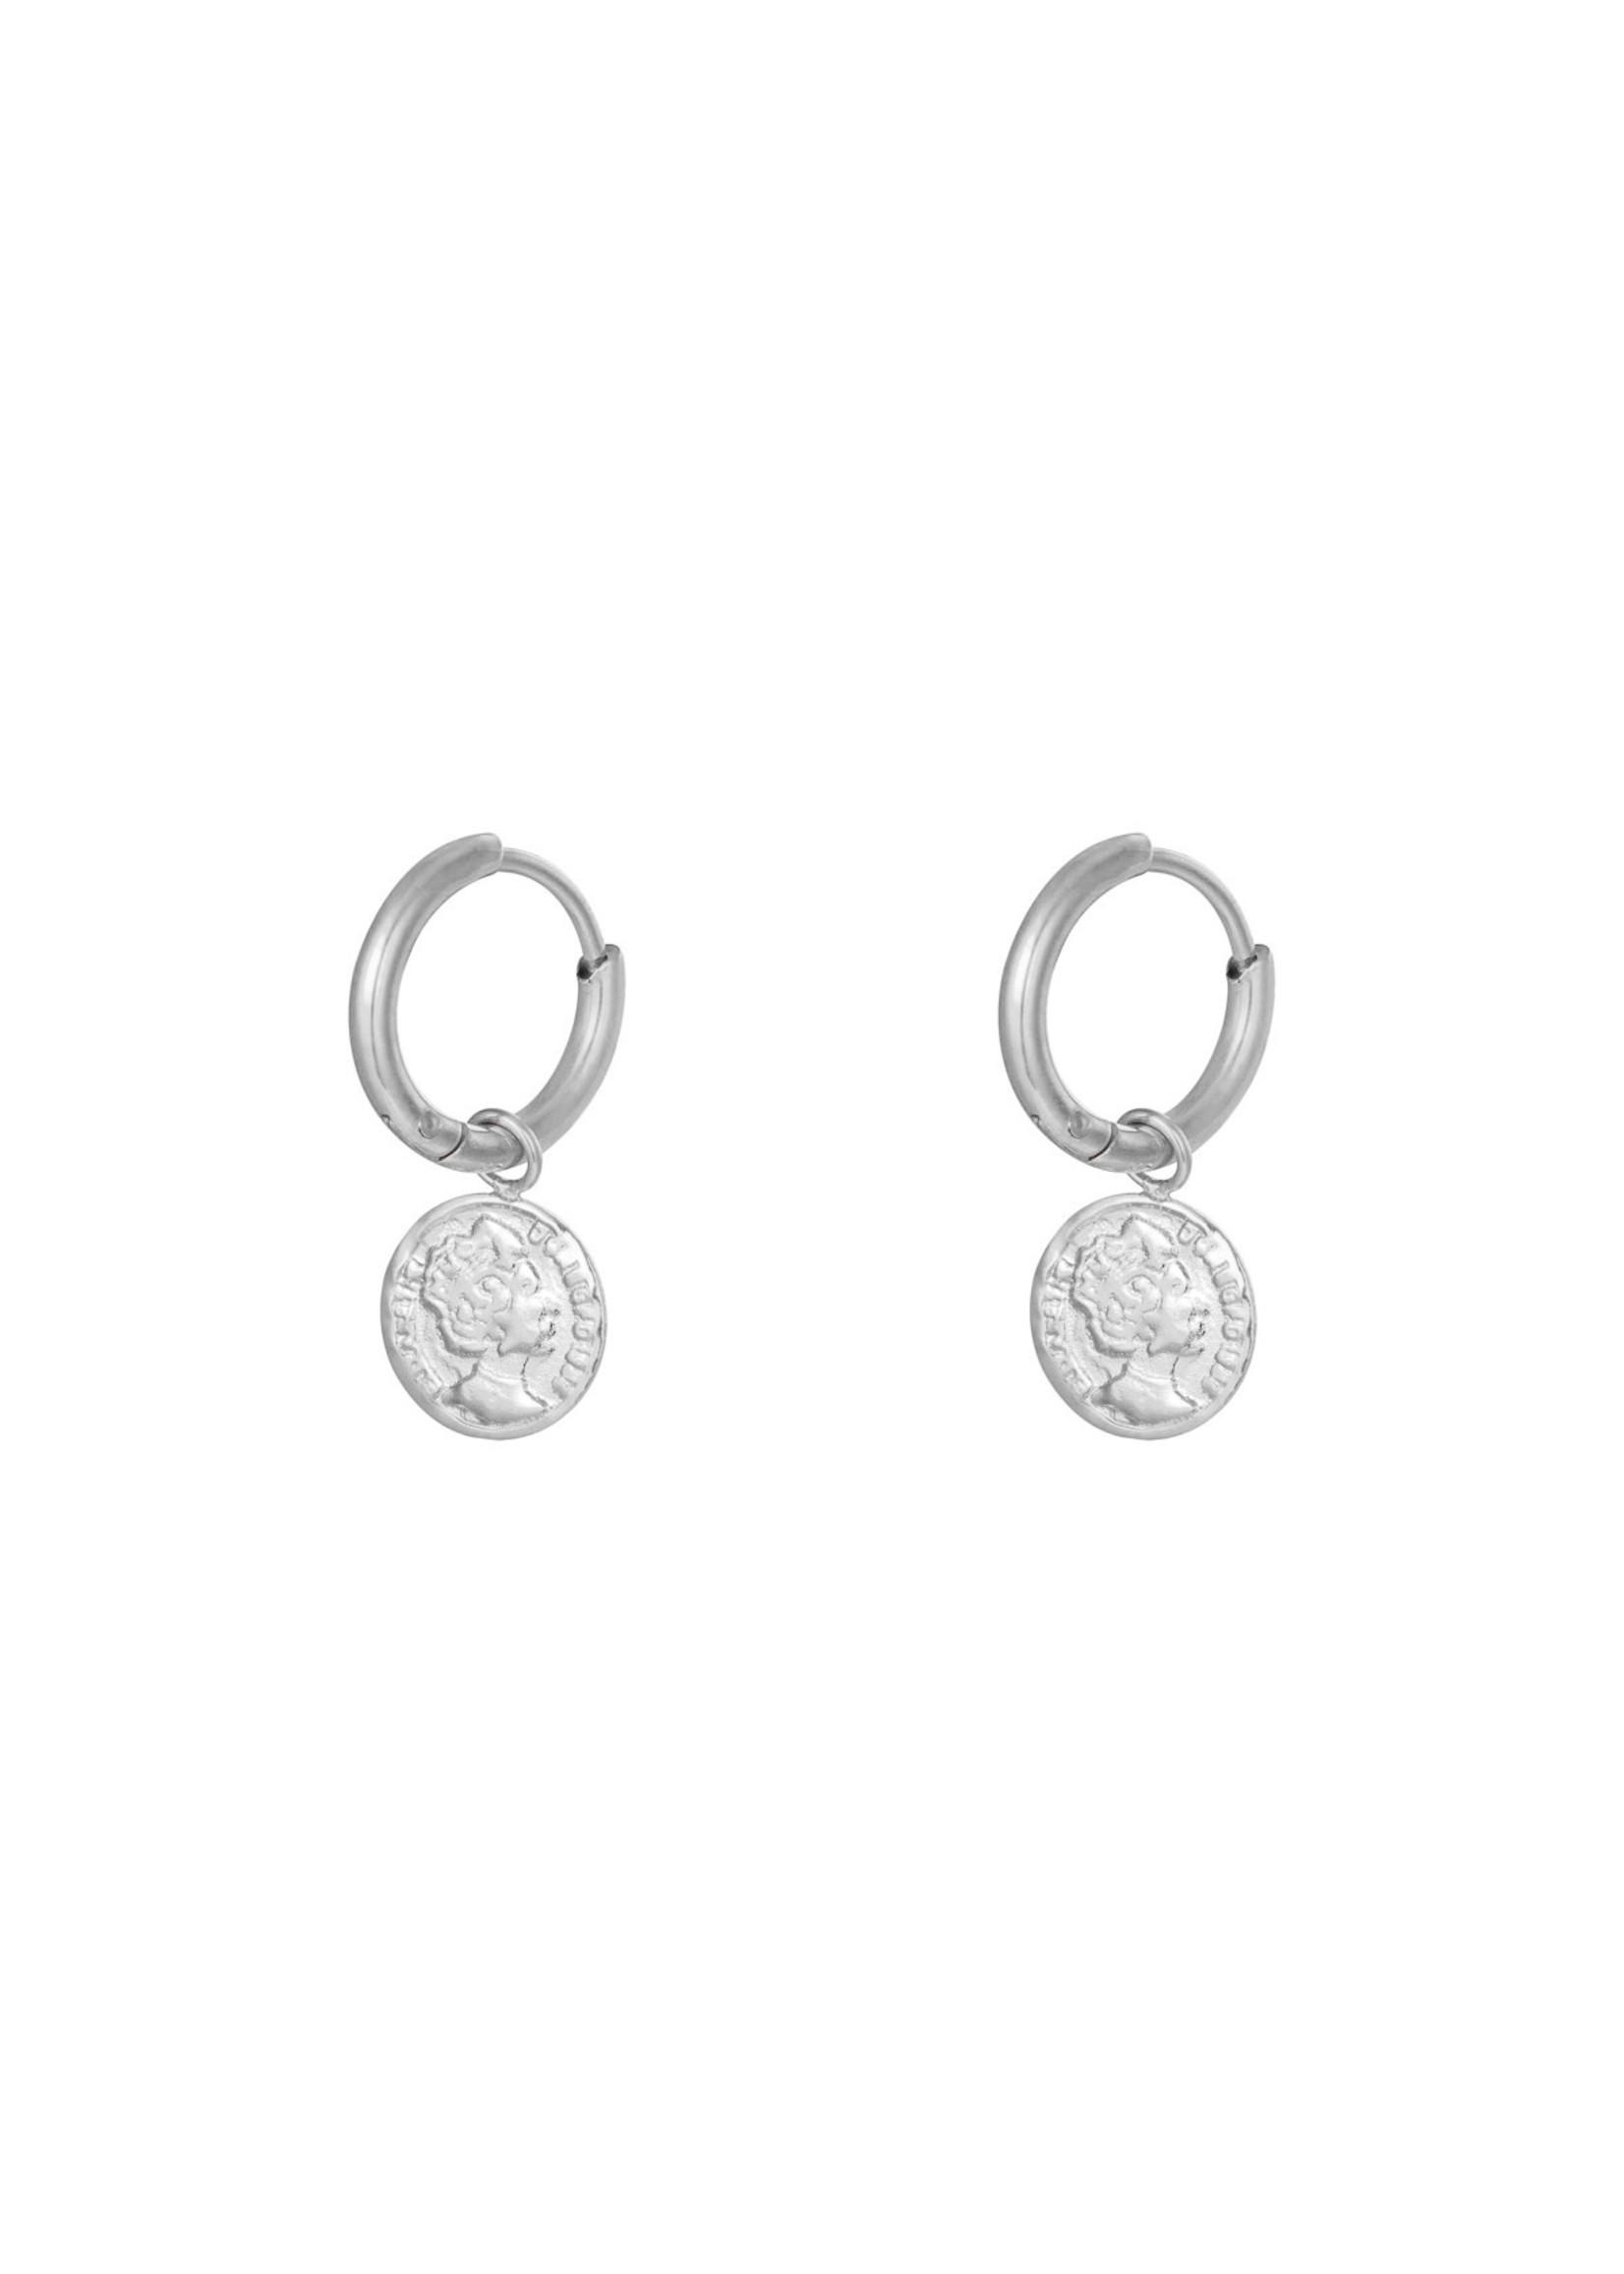 Ladybugs Oorbellen stainless steel ringetje met bedel muntje ZILVER